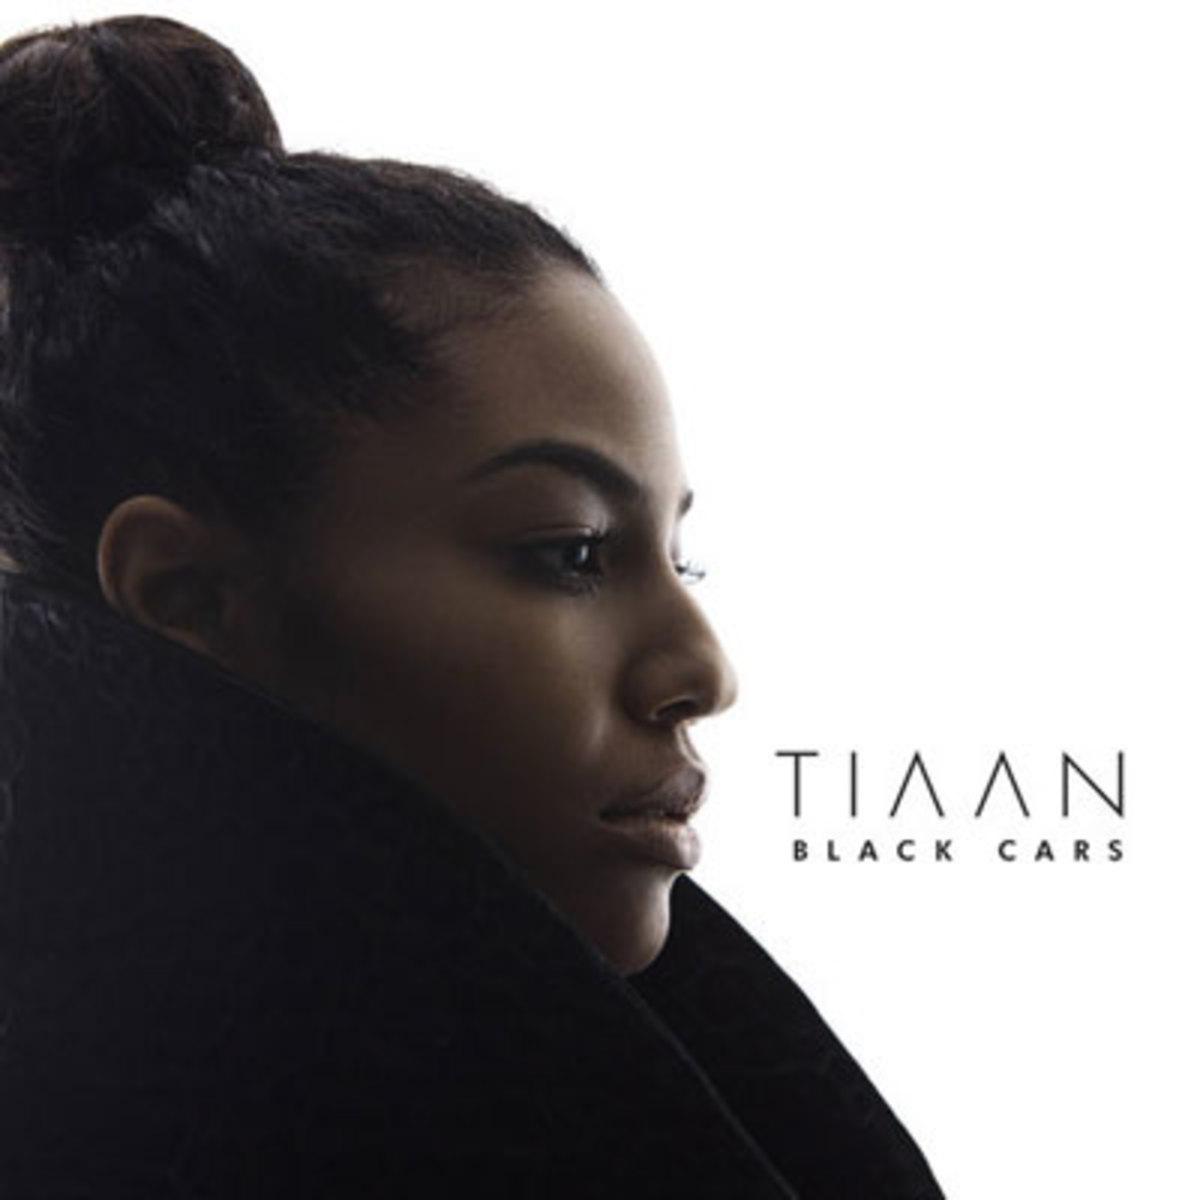 tiaan-blackcars.jpg